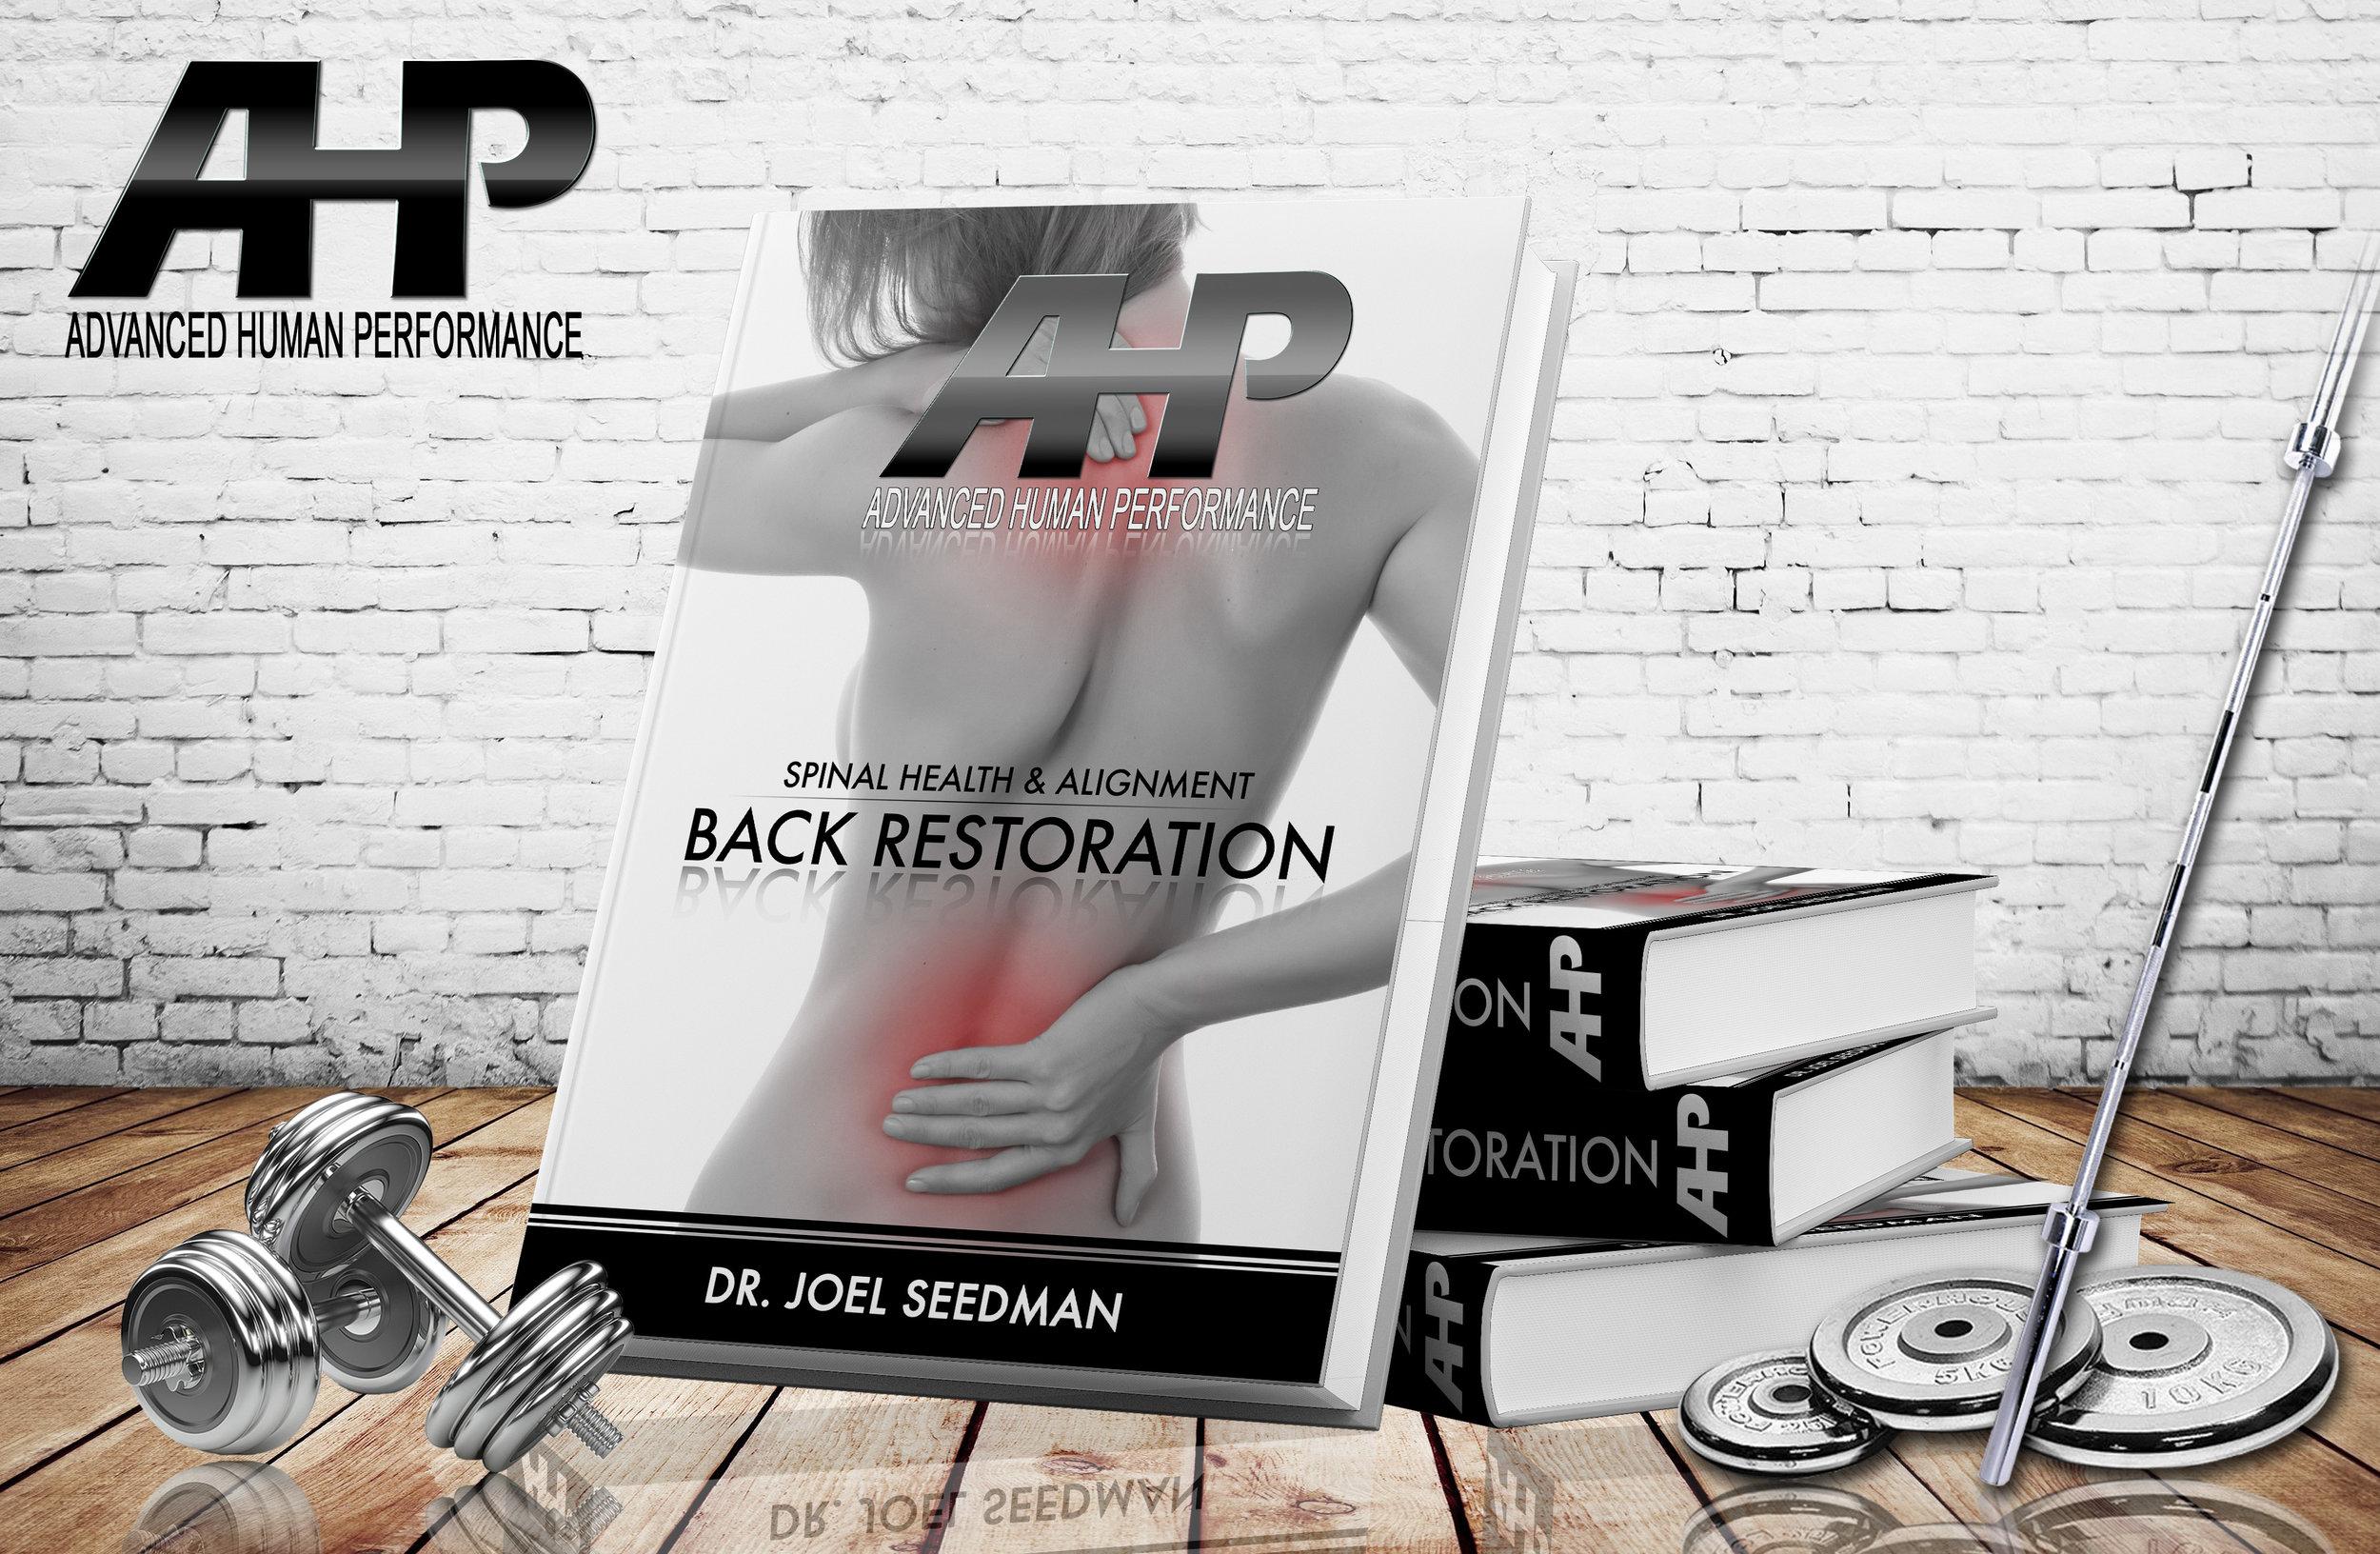 Lower Back & Spinal Restoration